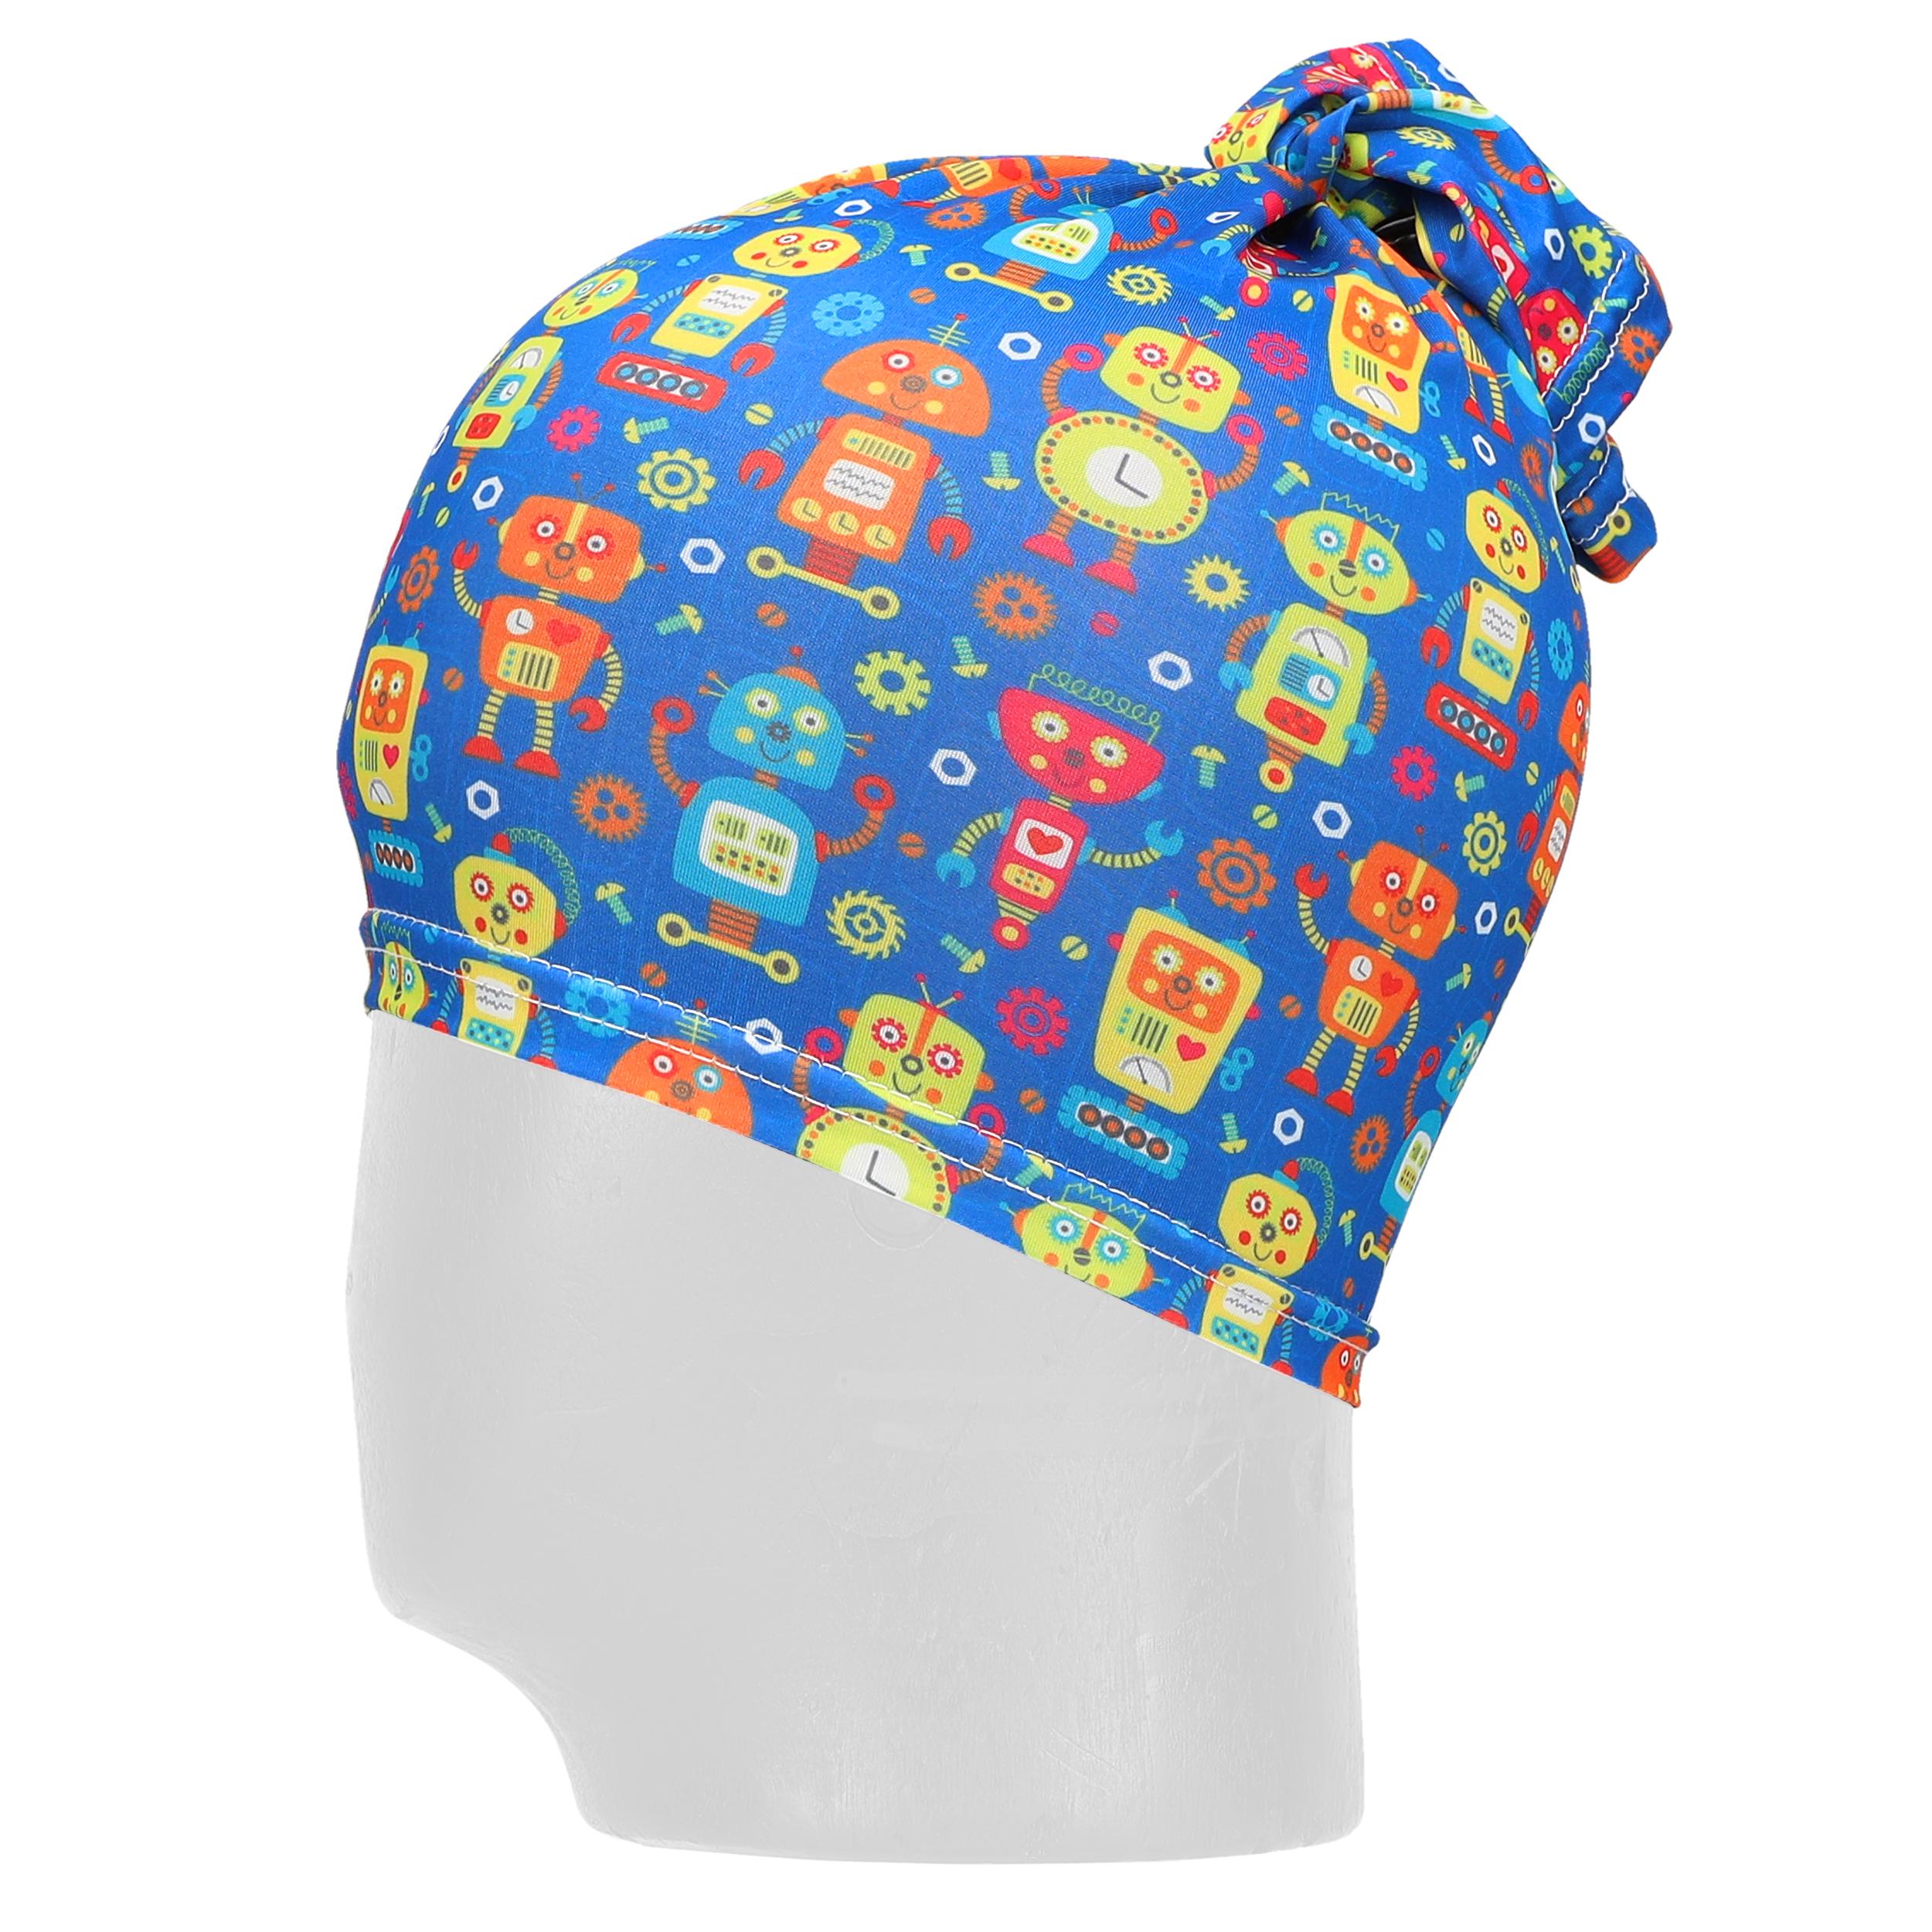 Indexbild 79 - Kinder Schlauchschal Maske Gesichtsmaske Mund Nase Bedeckung Halstuch waschbar